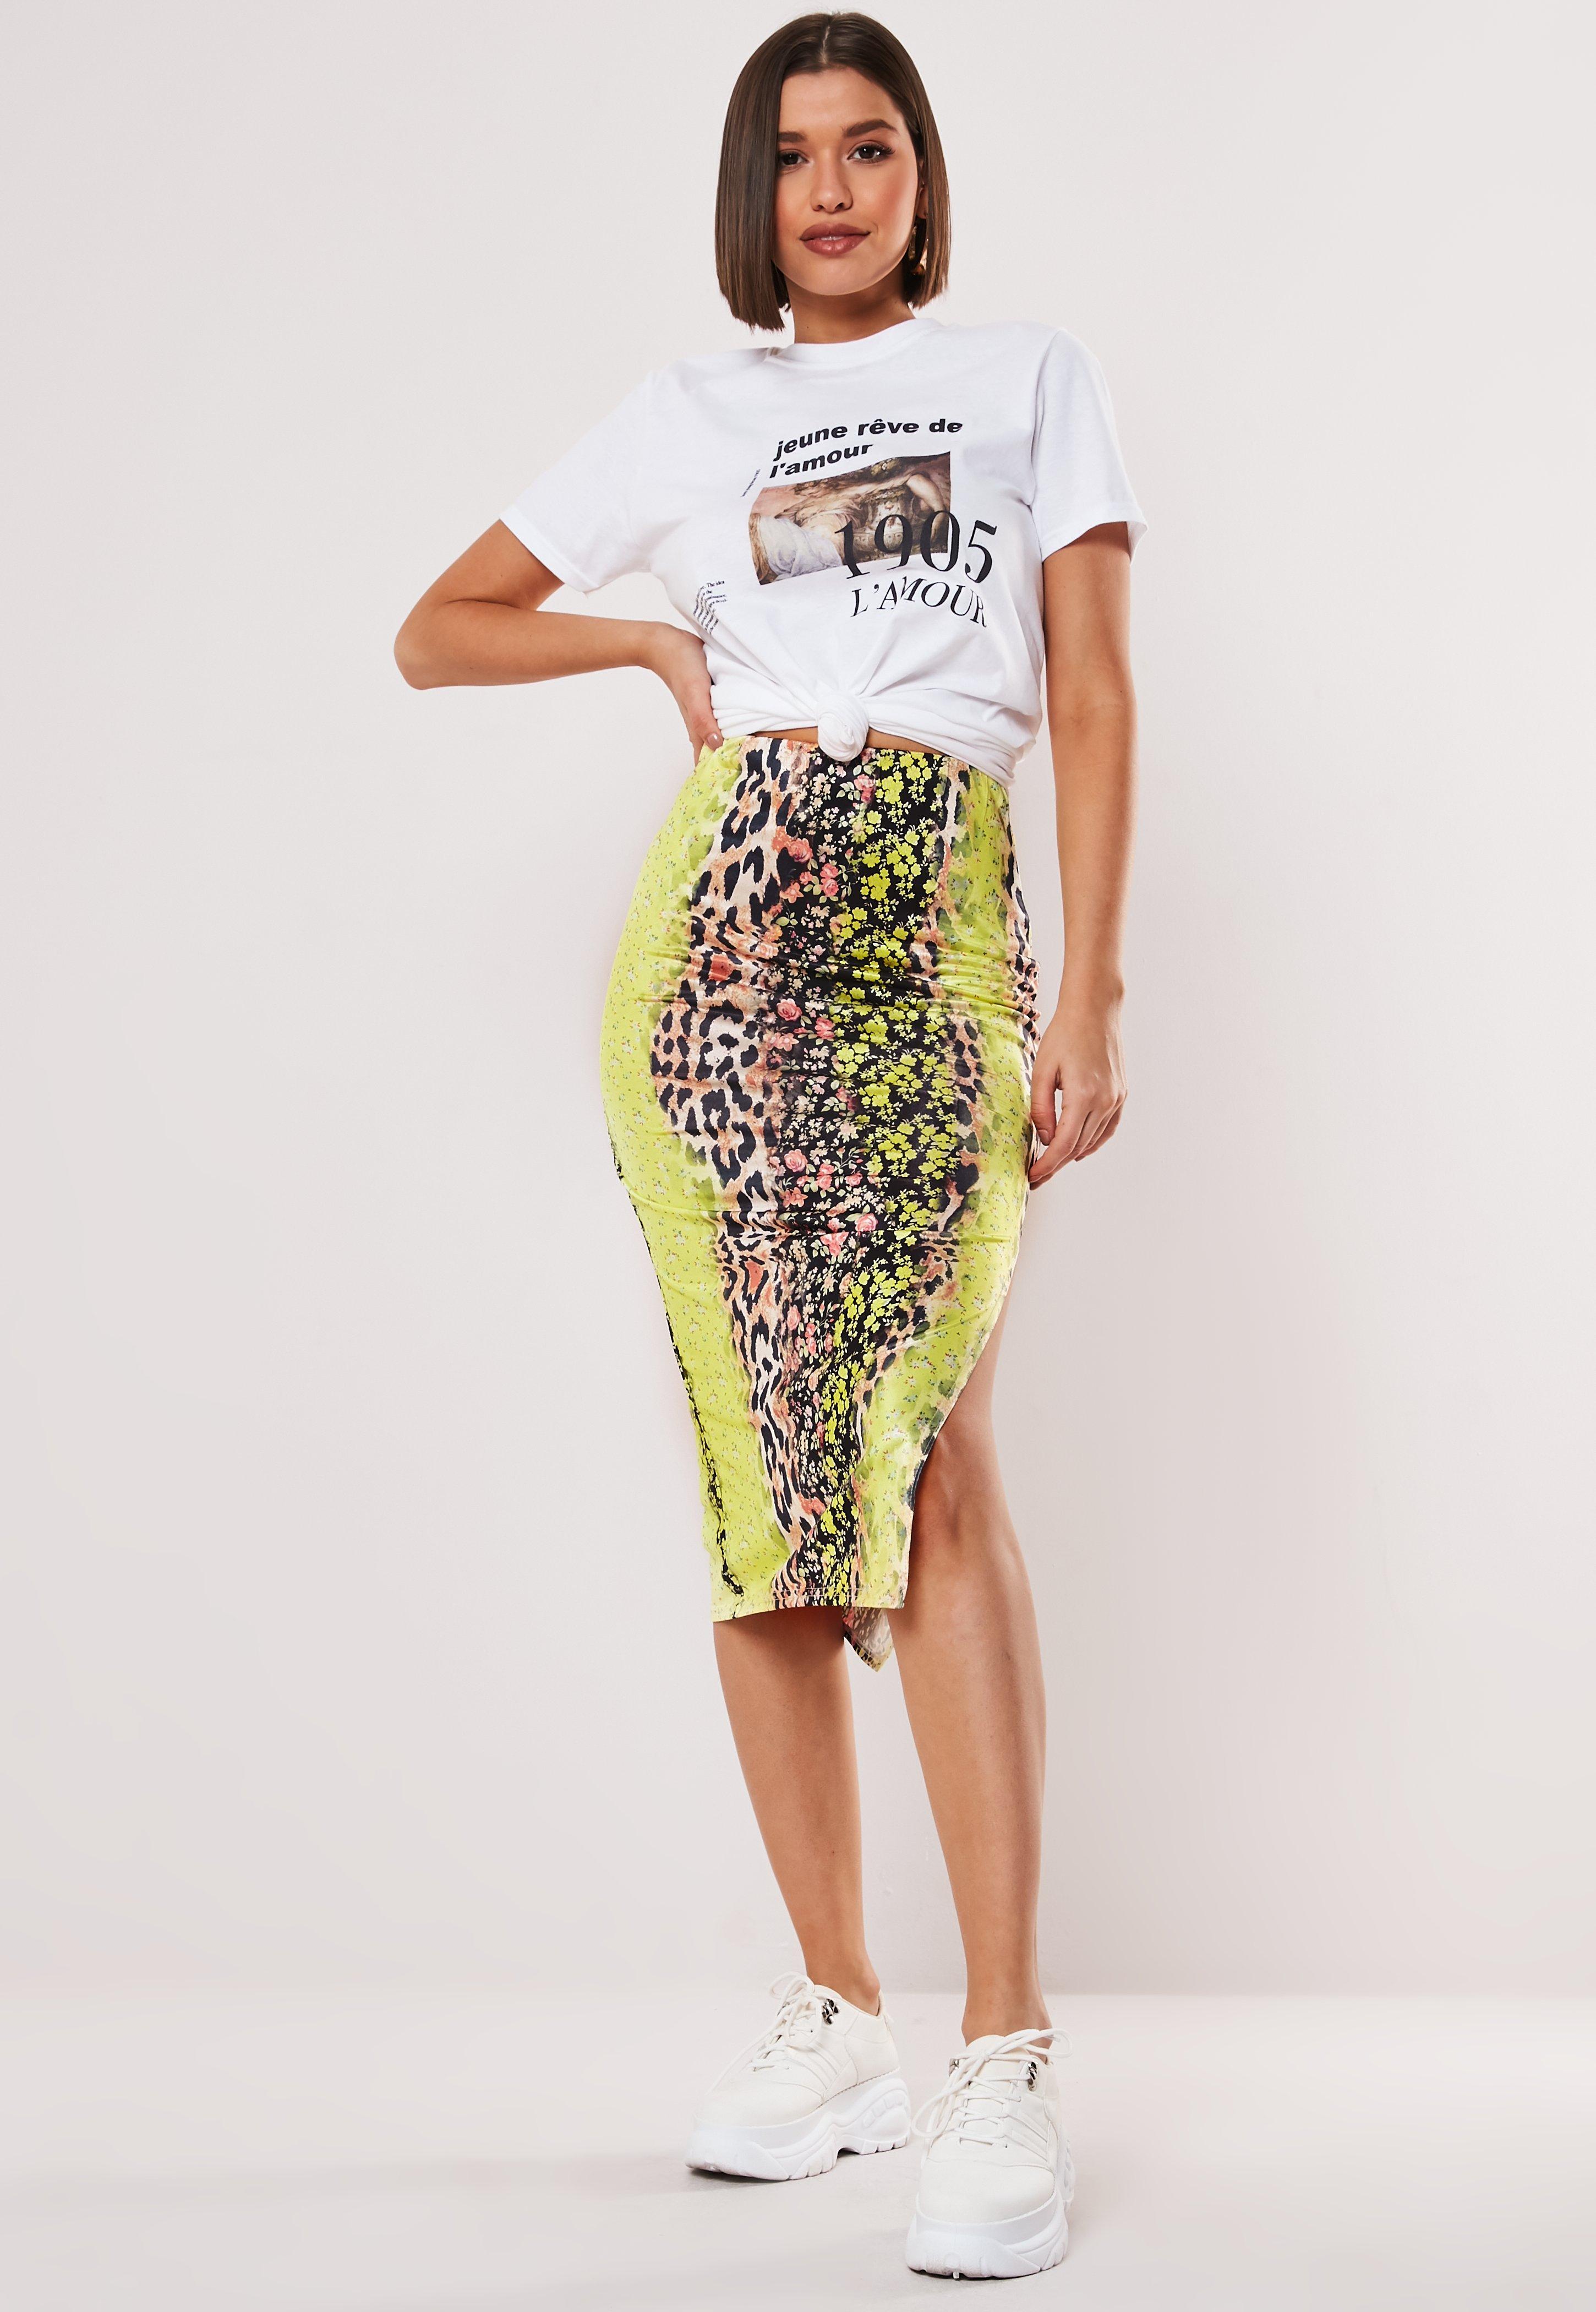 d3b0e058e8b42d Skirts | Winter Skirts for Women Online UK - Missguided